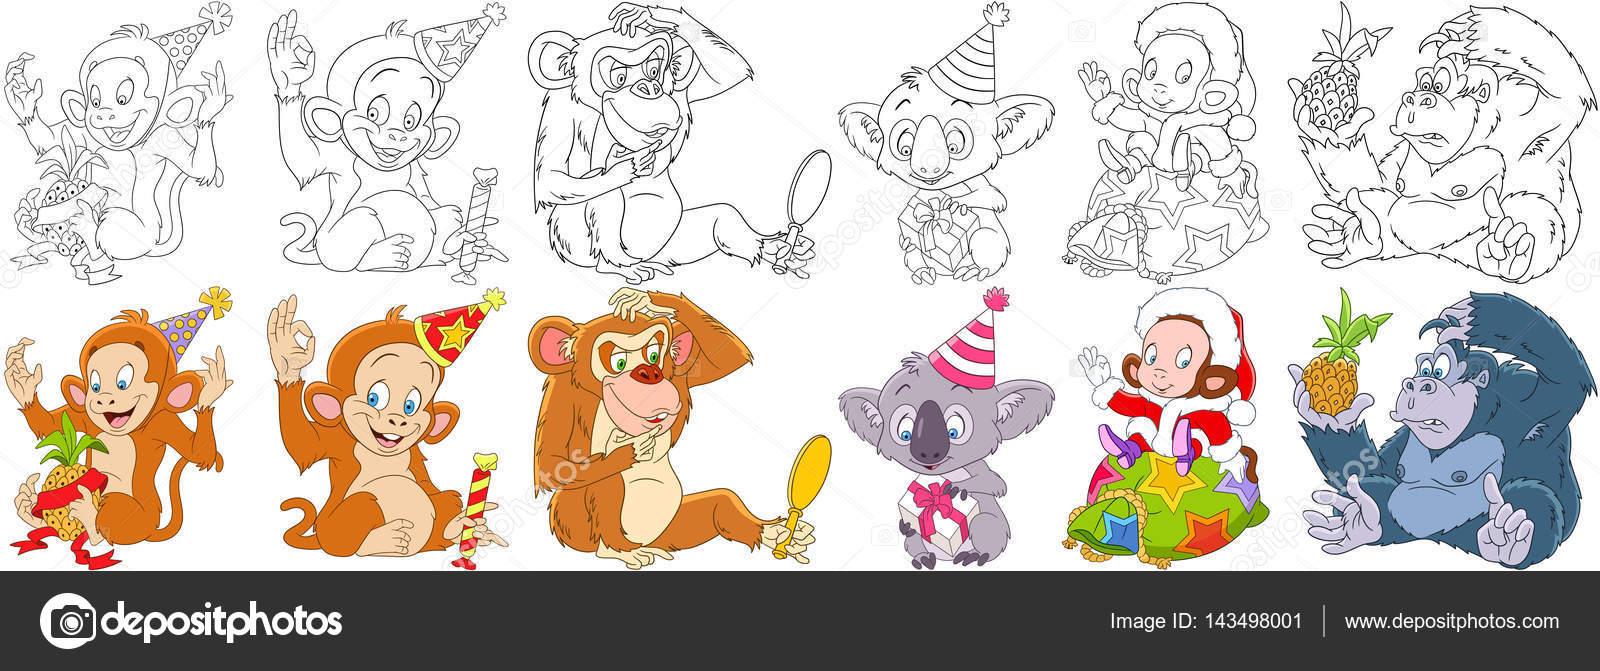 Conjunto de monos dibujos animados — Vector de stock © Sybirko ...